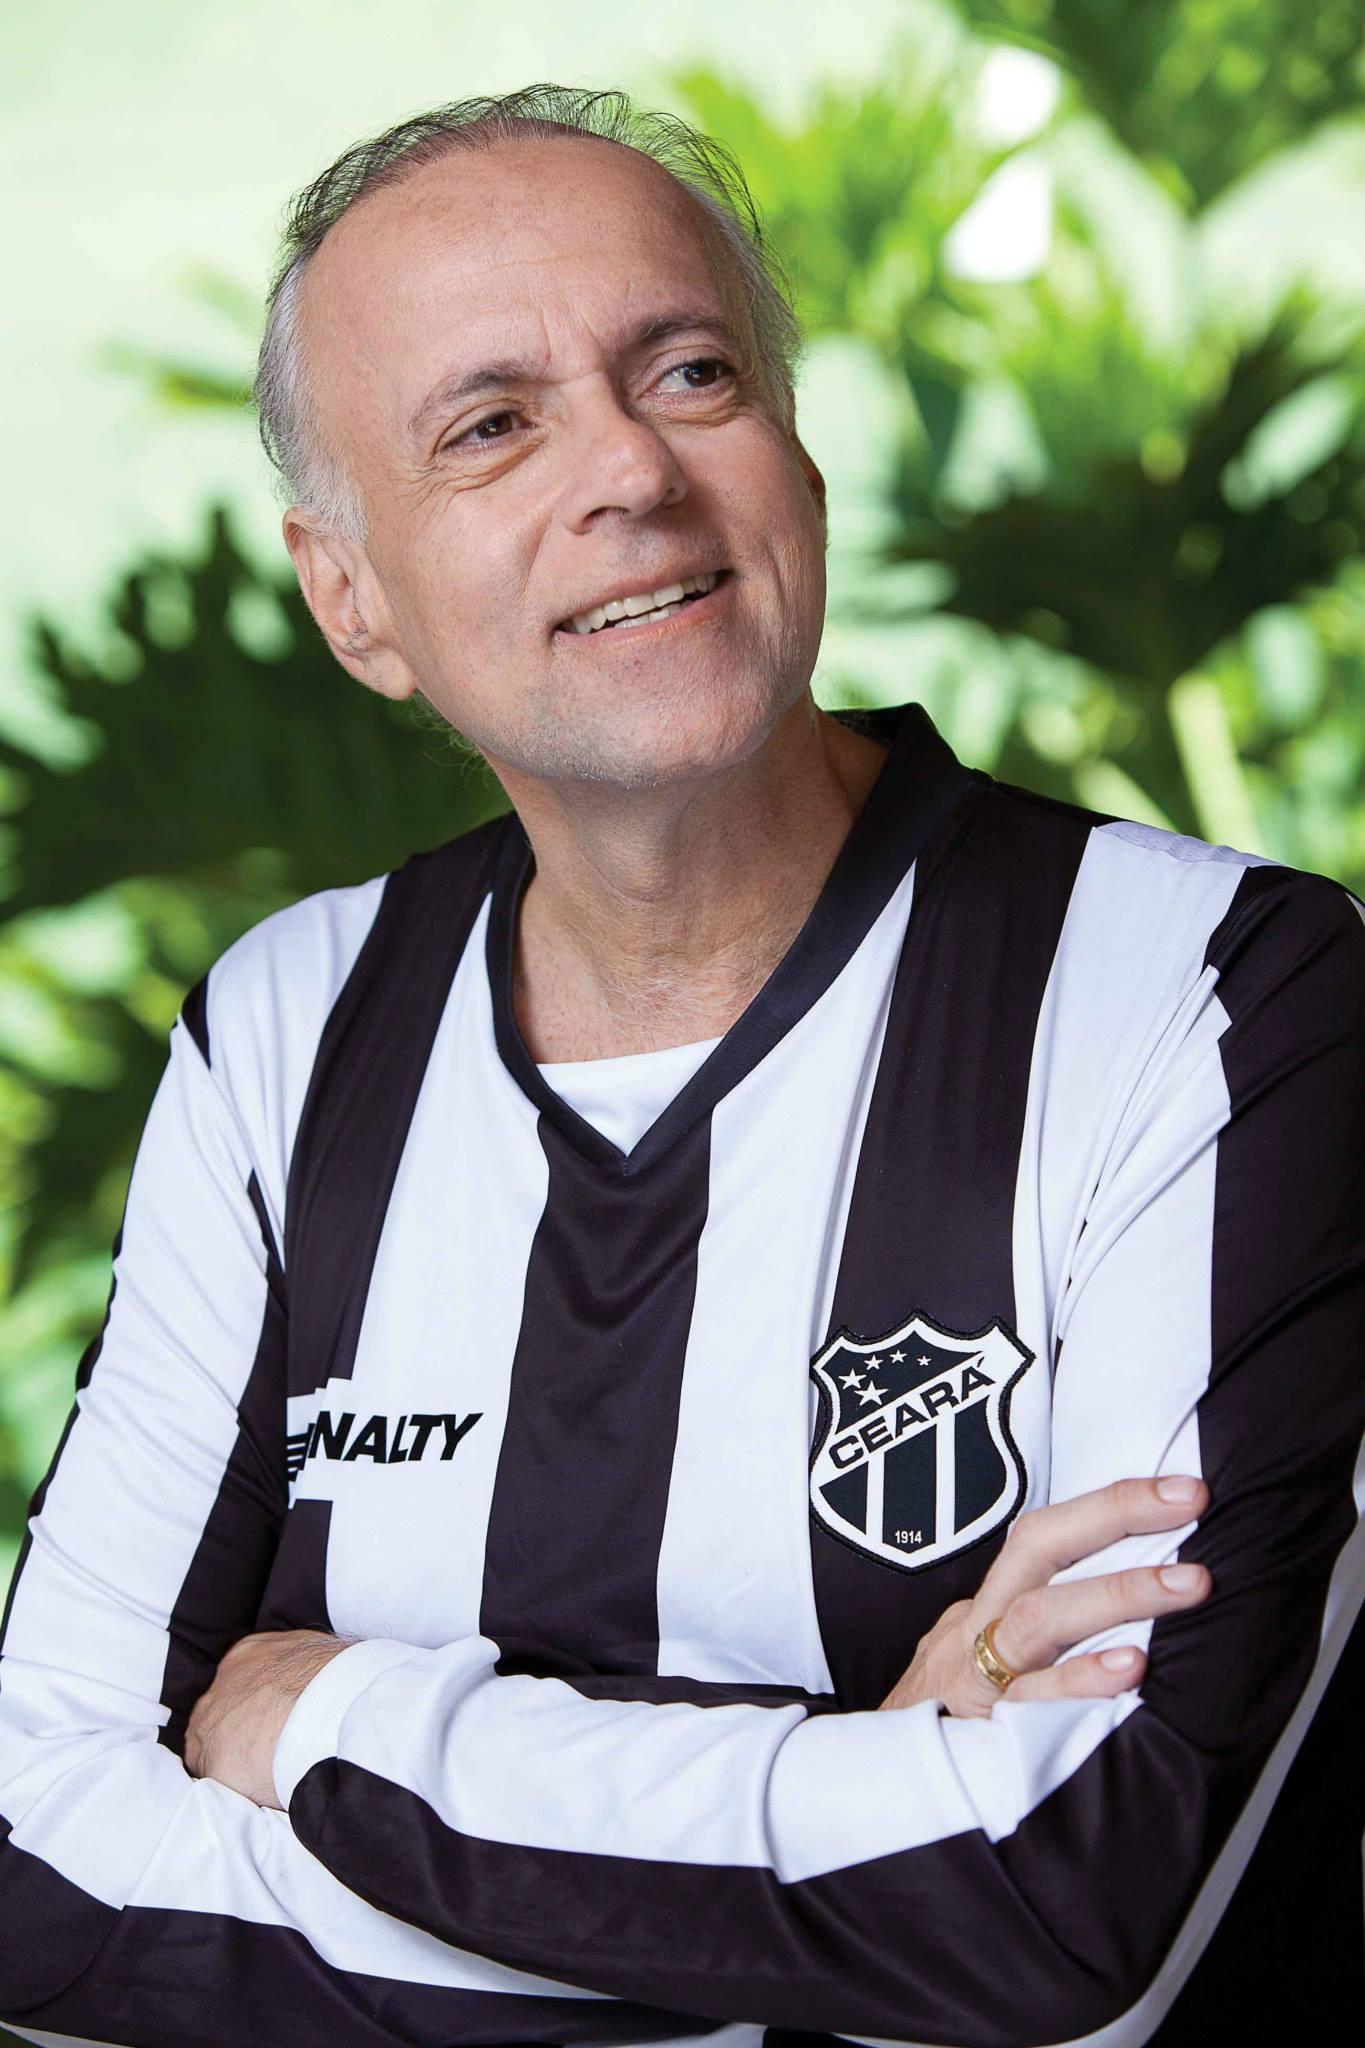 Orlando Mota além de torcedor, era conselheiro do Ceará Sporting Club (FOTO: reprodução Facebok)